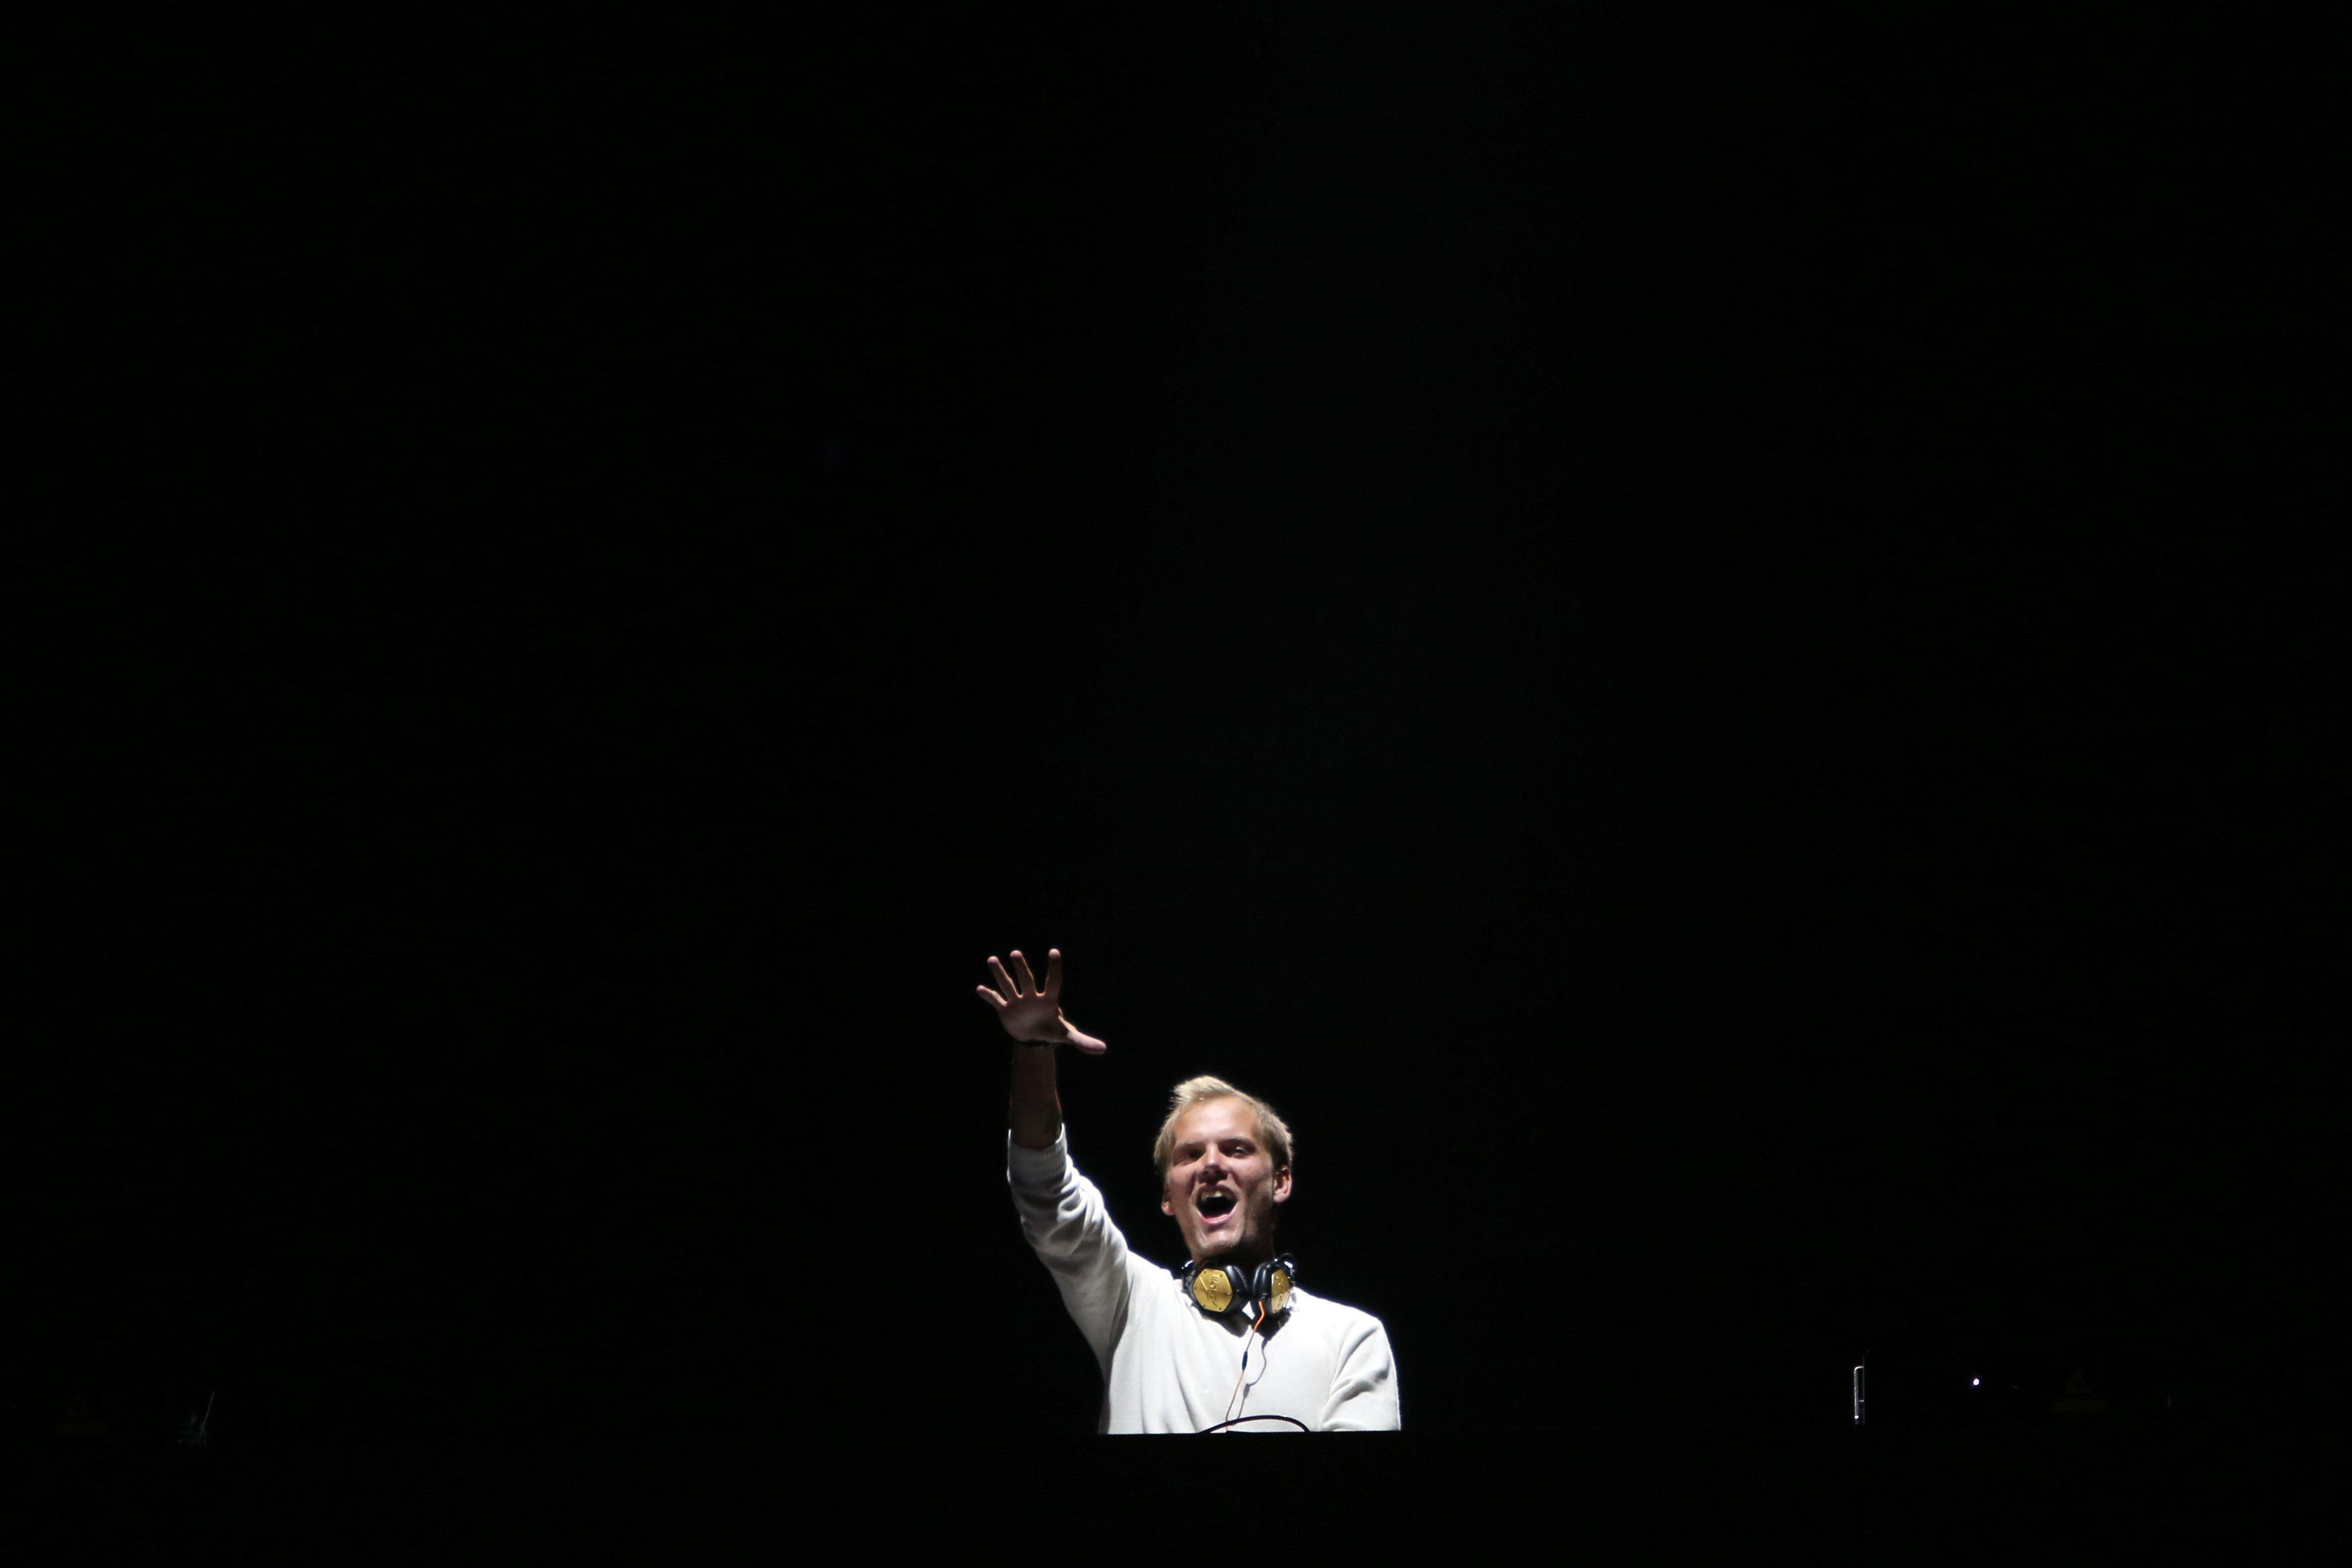 Δεύτερη ανακοίνωση της οικογένειας του DJ Avicii αφήνει ανοικτό το ενδεχόμενο